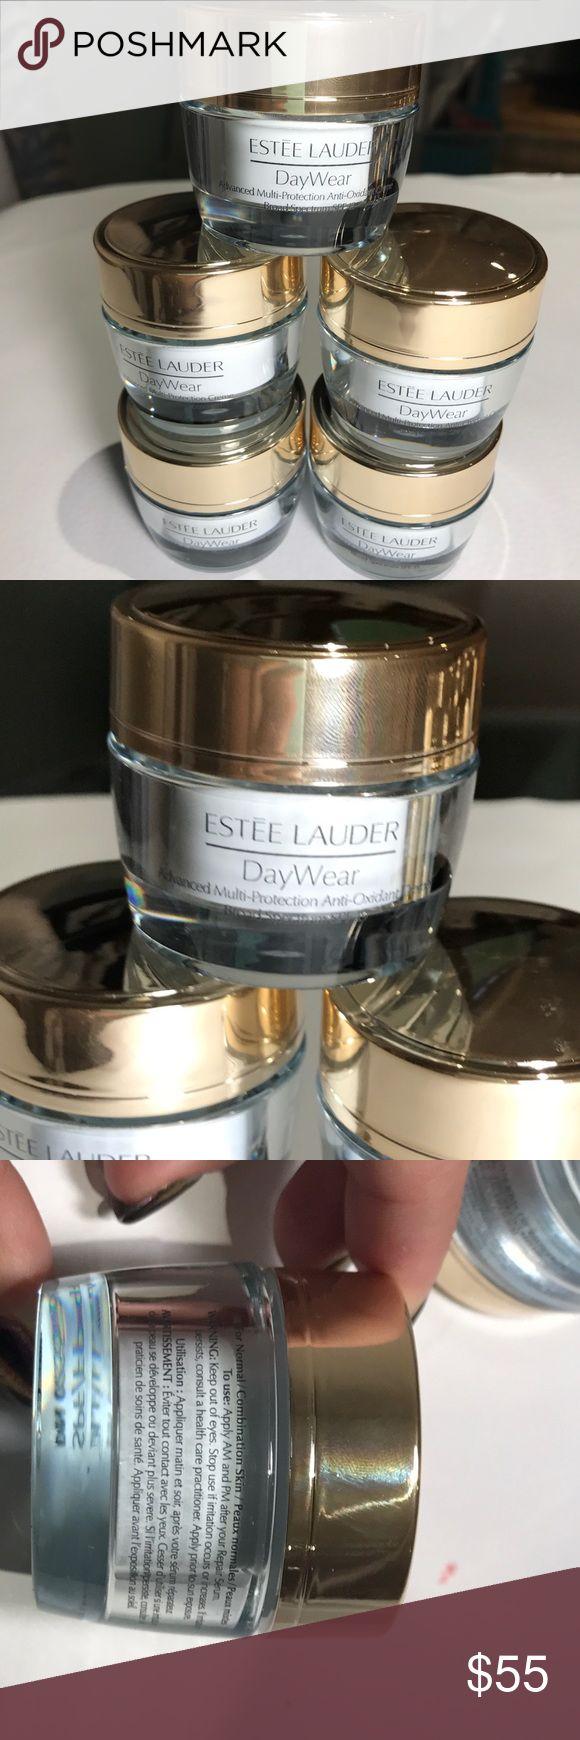 Estée Lauder Day Wear Advanced multi-protection Estée Lauder Day Wear Advanced multi-protection bundle of 5 bottles .5 fl oz each Estee Lauder Makeup Face Primer